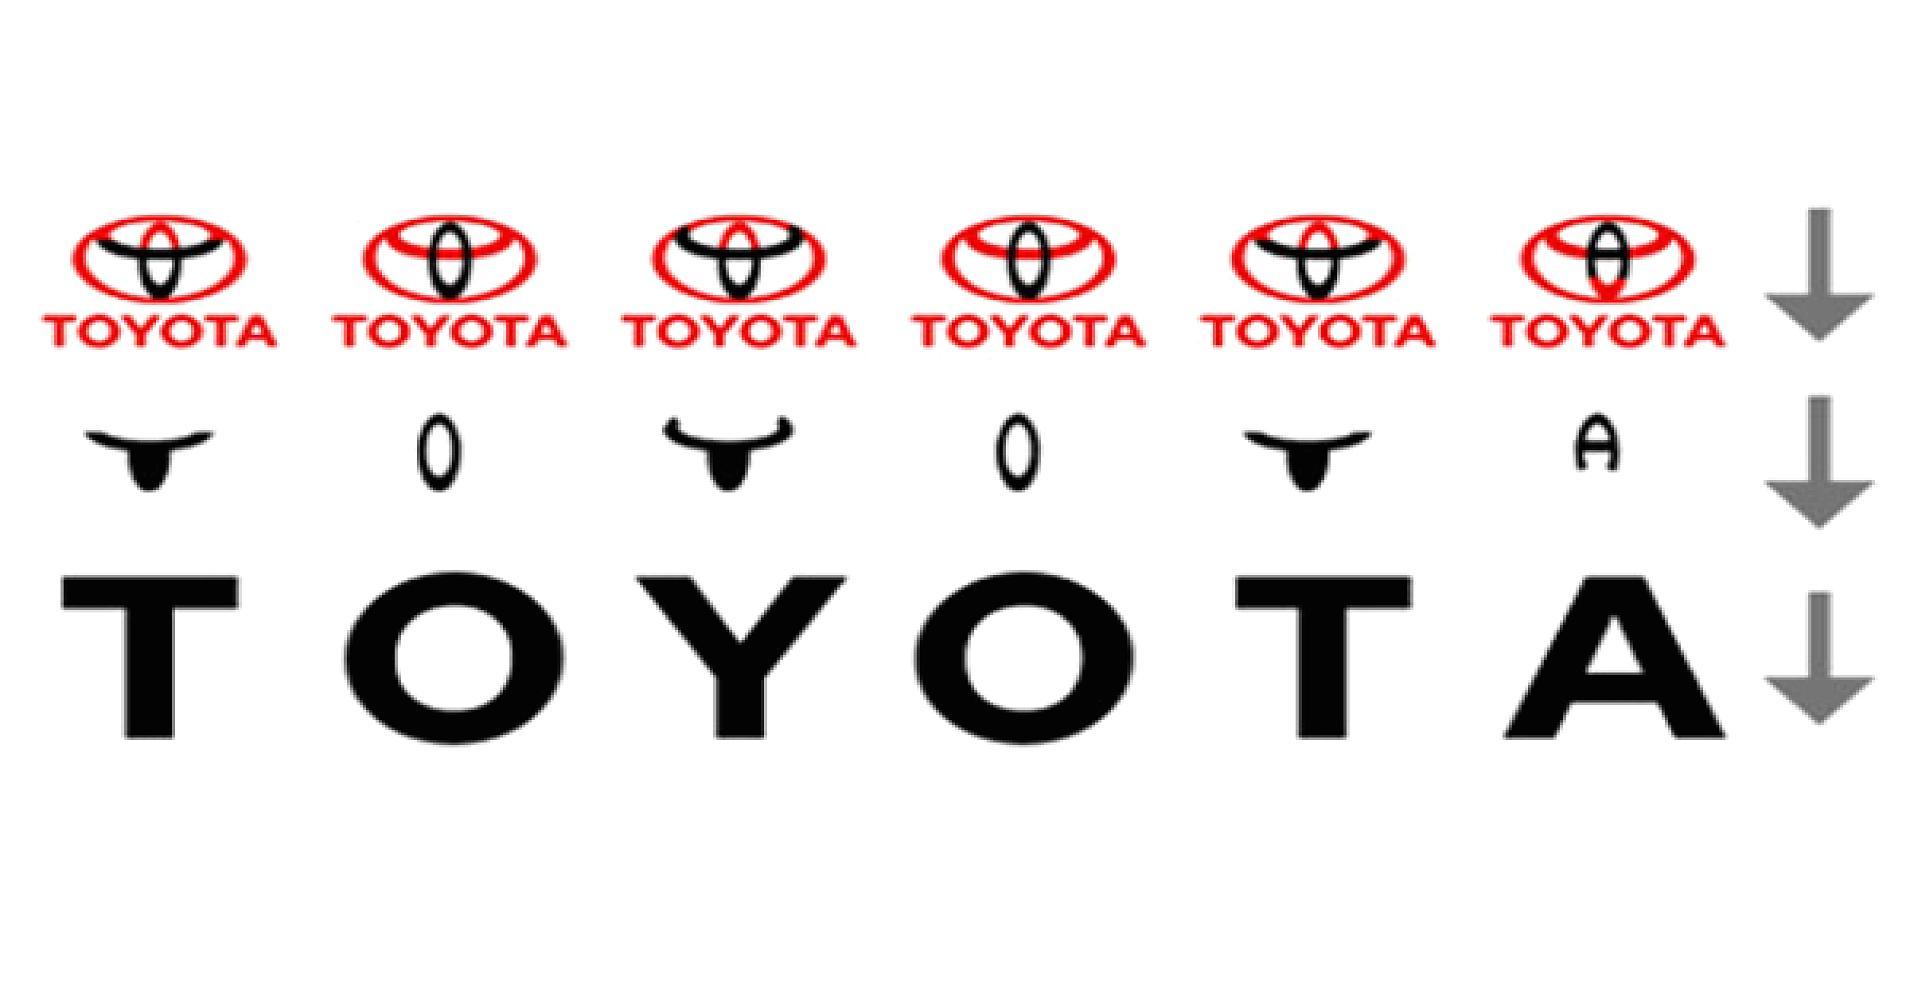 الى ماذا يدل شعار تويوتا